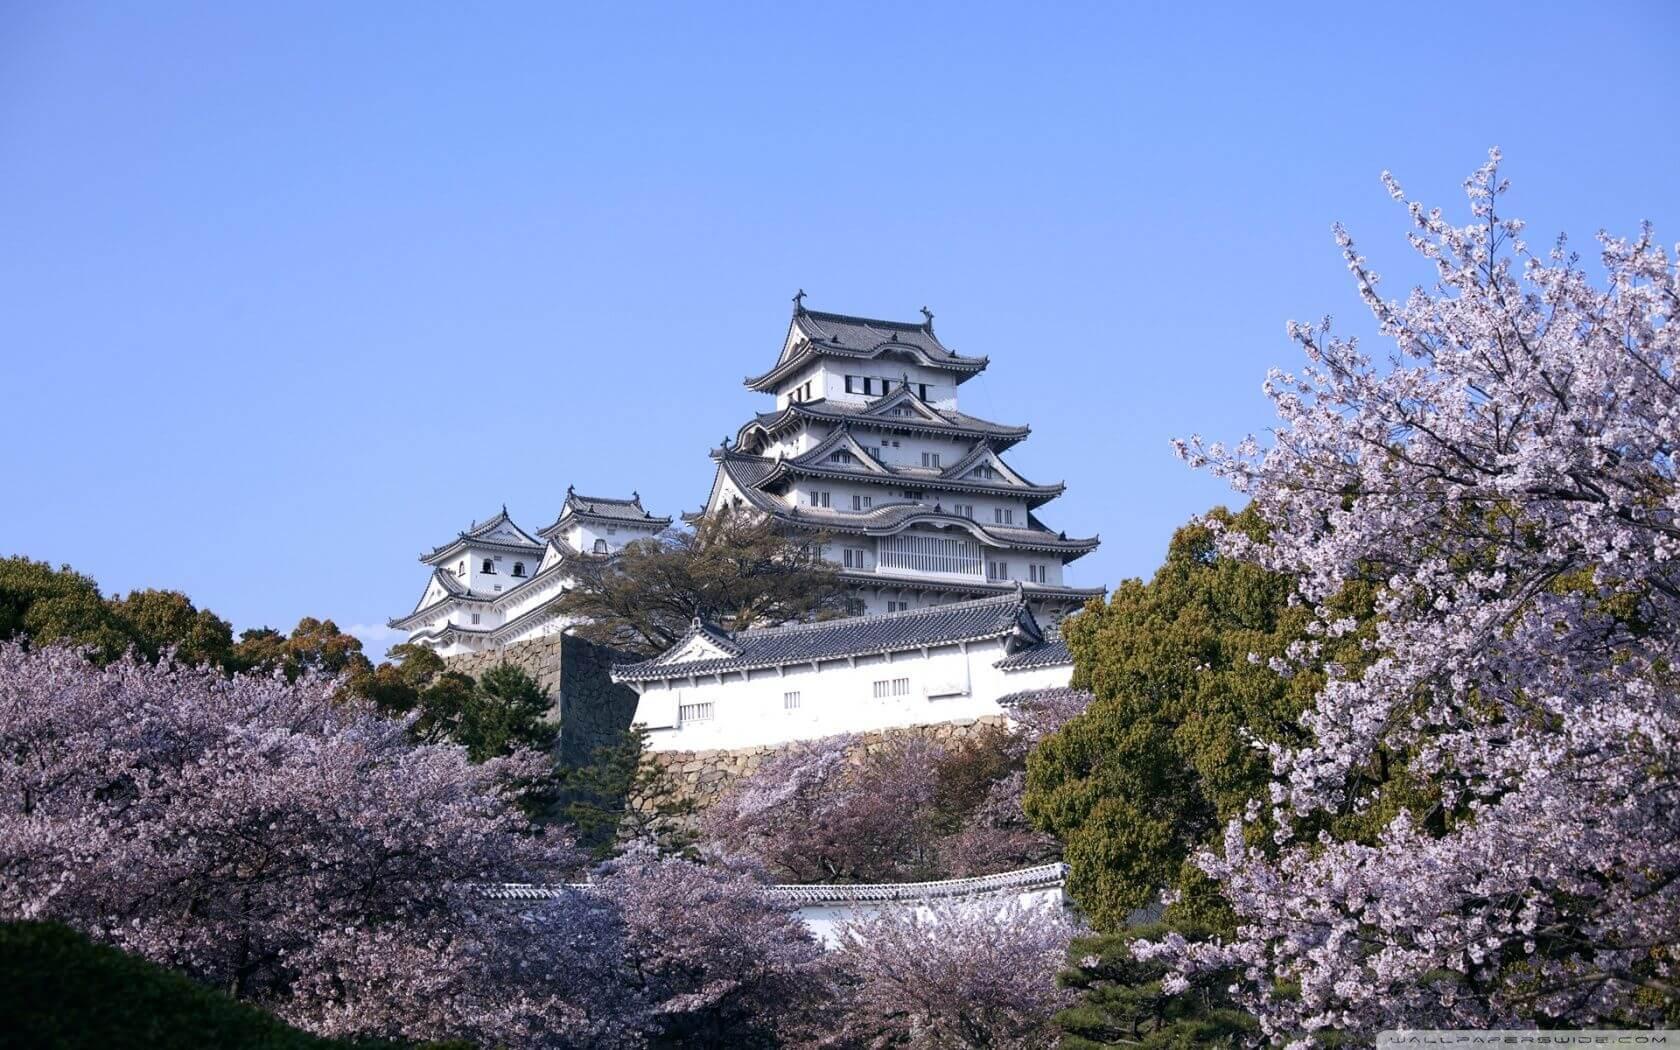 Tepede bir yapıt ve pembe çiçekli ağaçlar var.